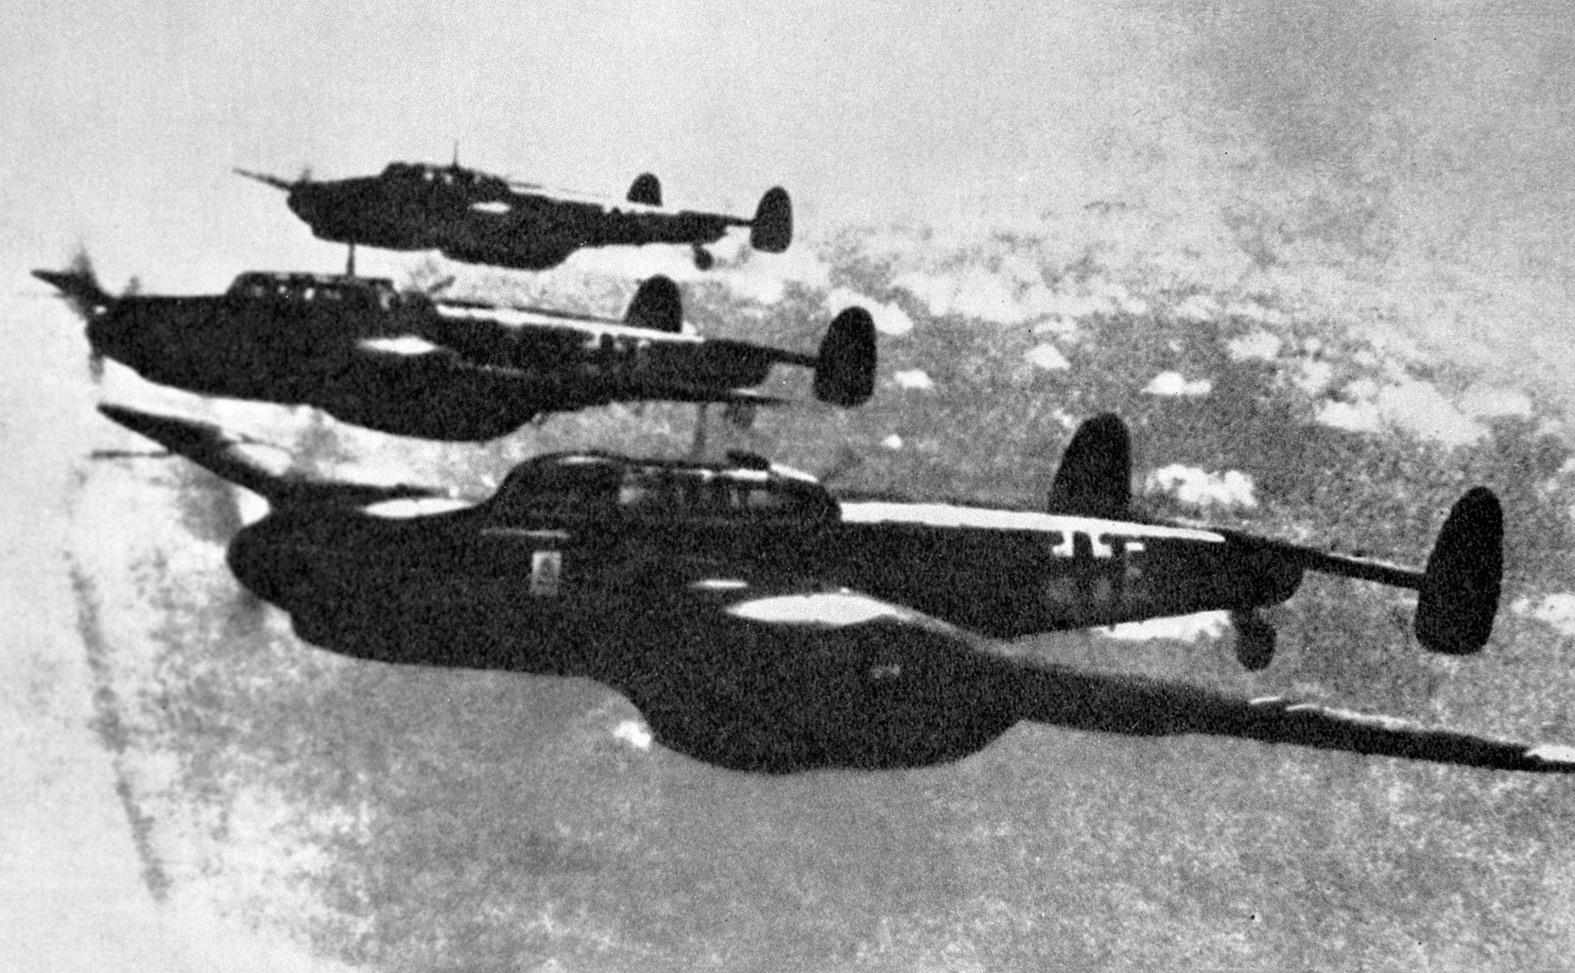 Námet bombázók indulnak szovjet területeket bombázni 1941- június 22-én #moszkvater